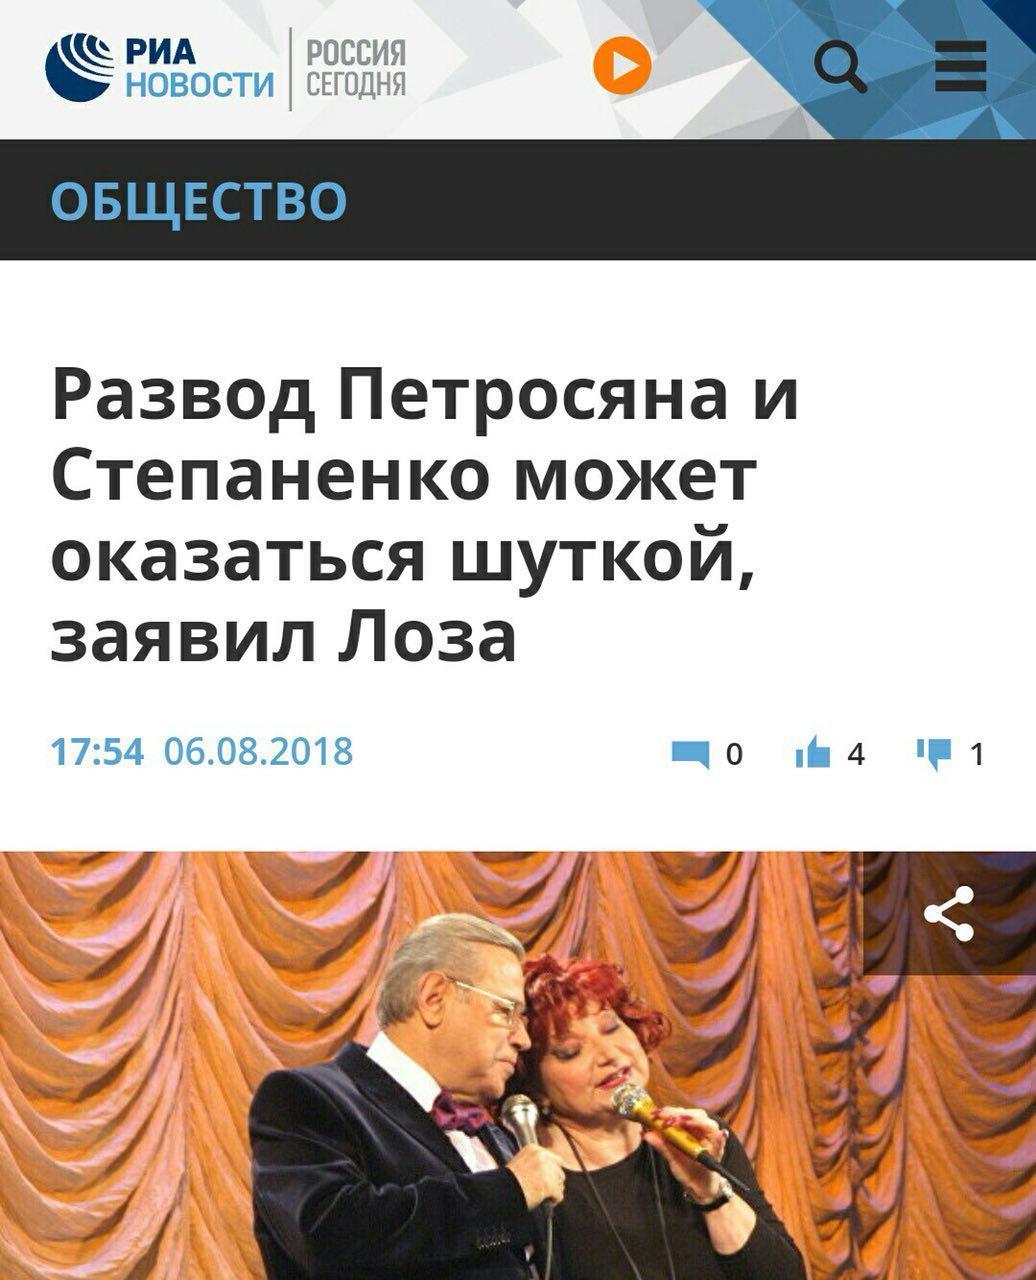 Развод Петросяна - экспертное мнение Лозы